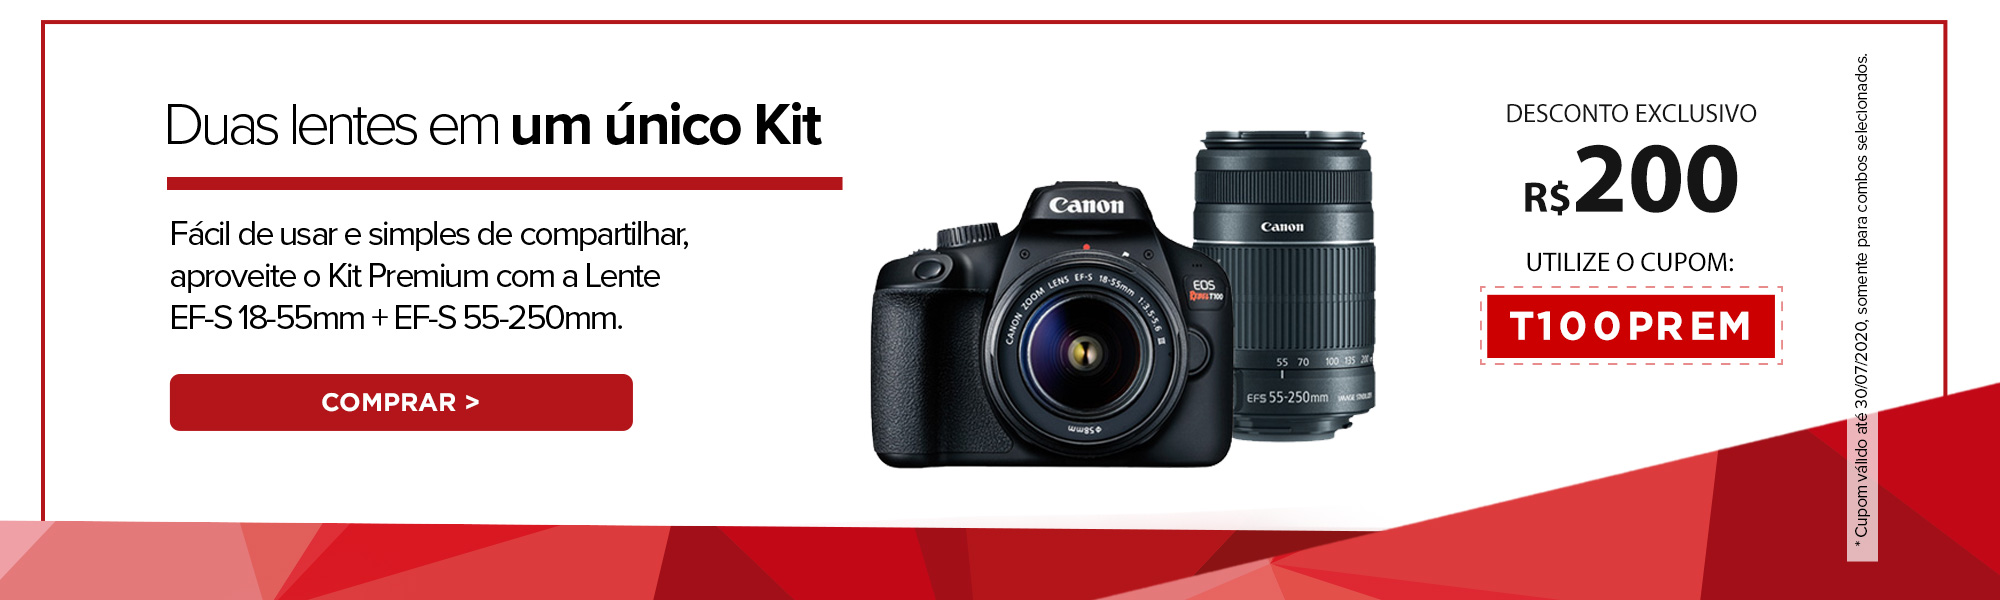 Duas lentes em um único Kit. Fácil de usar e simples de compartilhar, aproveite o Kit Premium com a Lente EF-S 18-55mm + EF-S 55-250mm